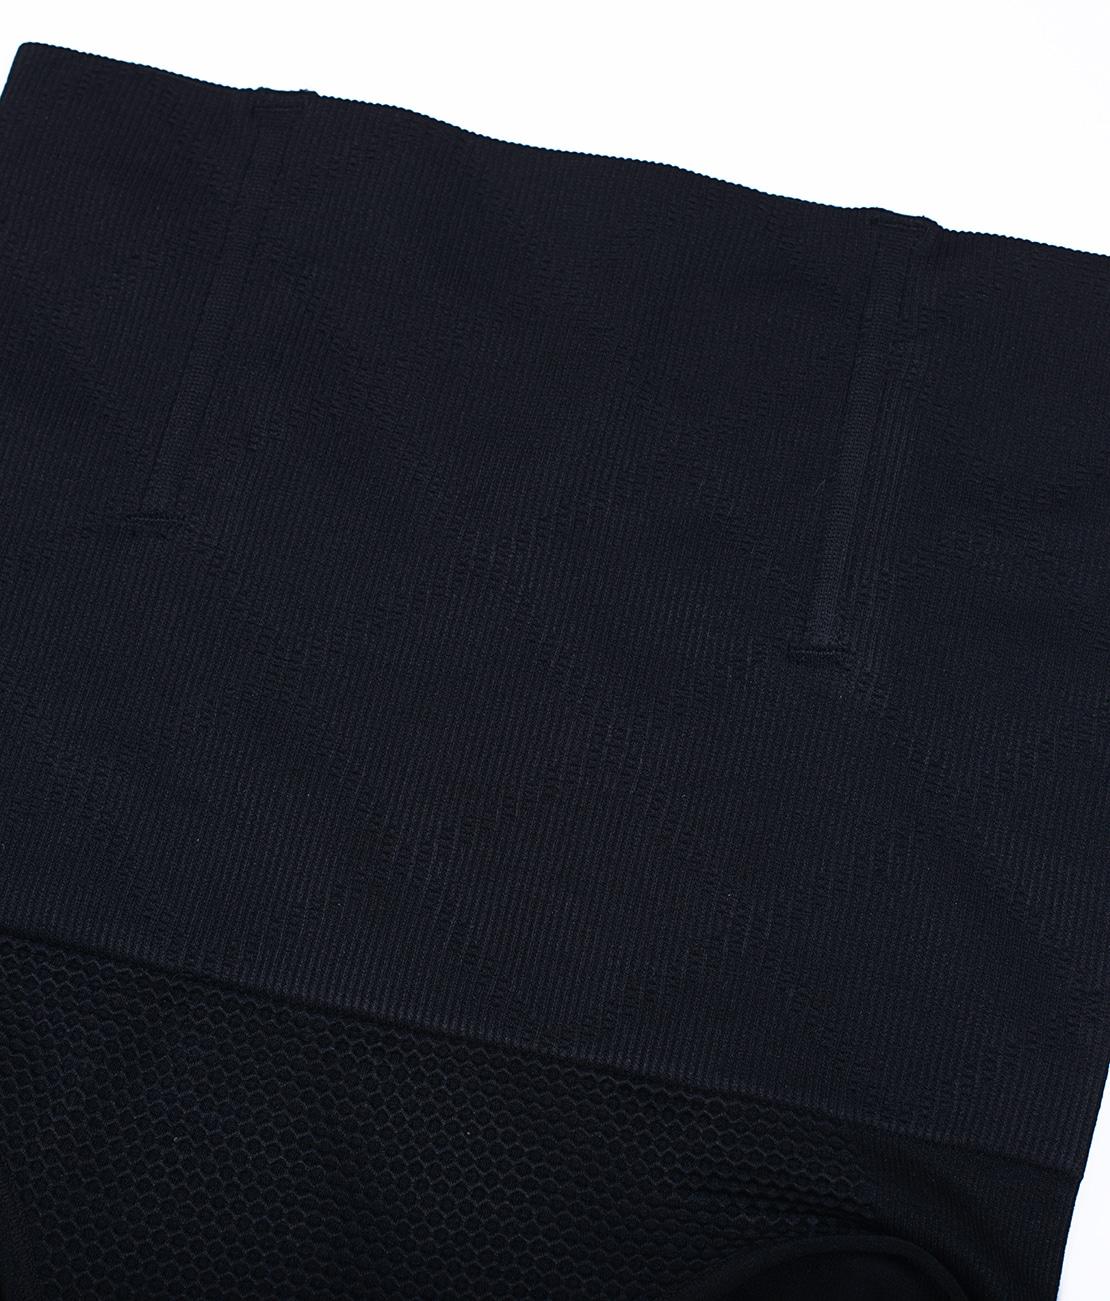 Culotte Ventre Plat et Top Sculptant Noire Packshot Culotte Detail 2